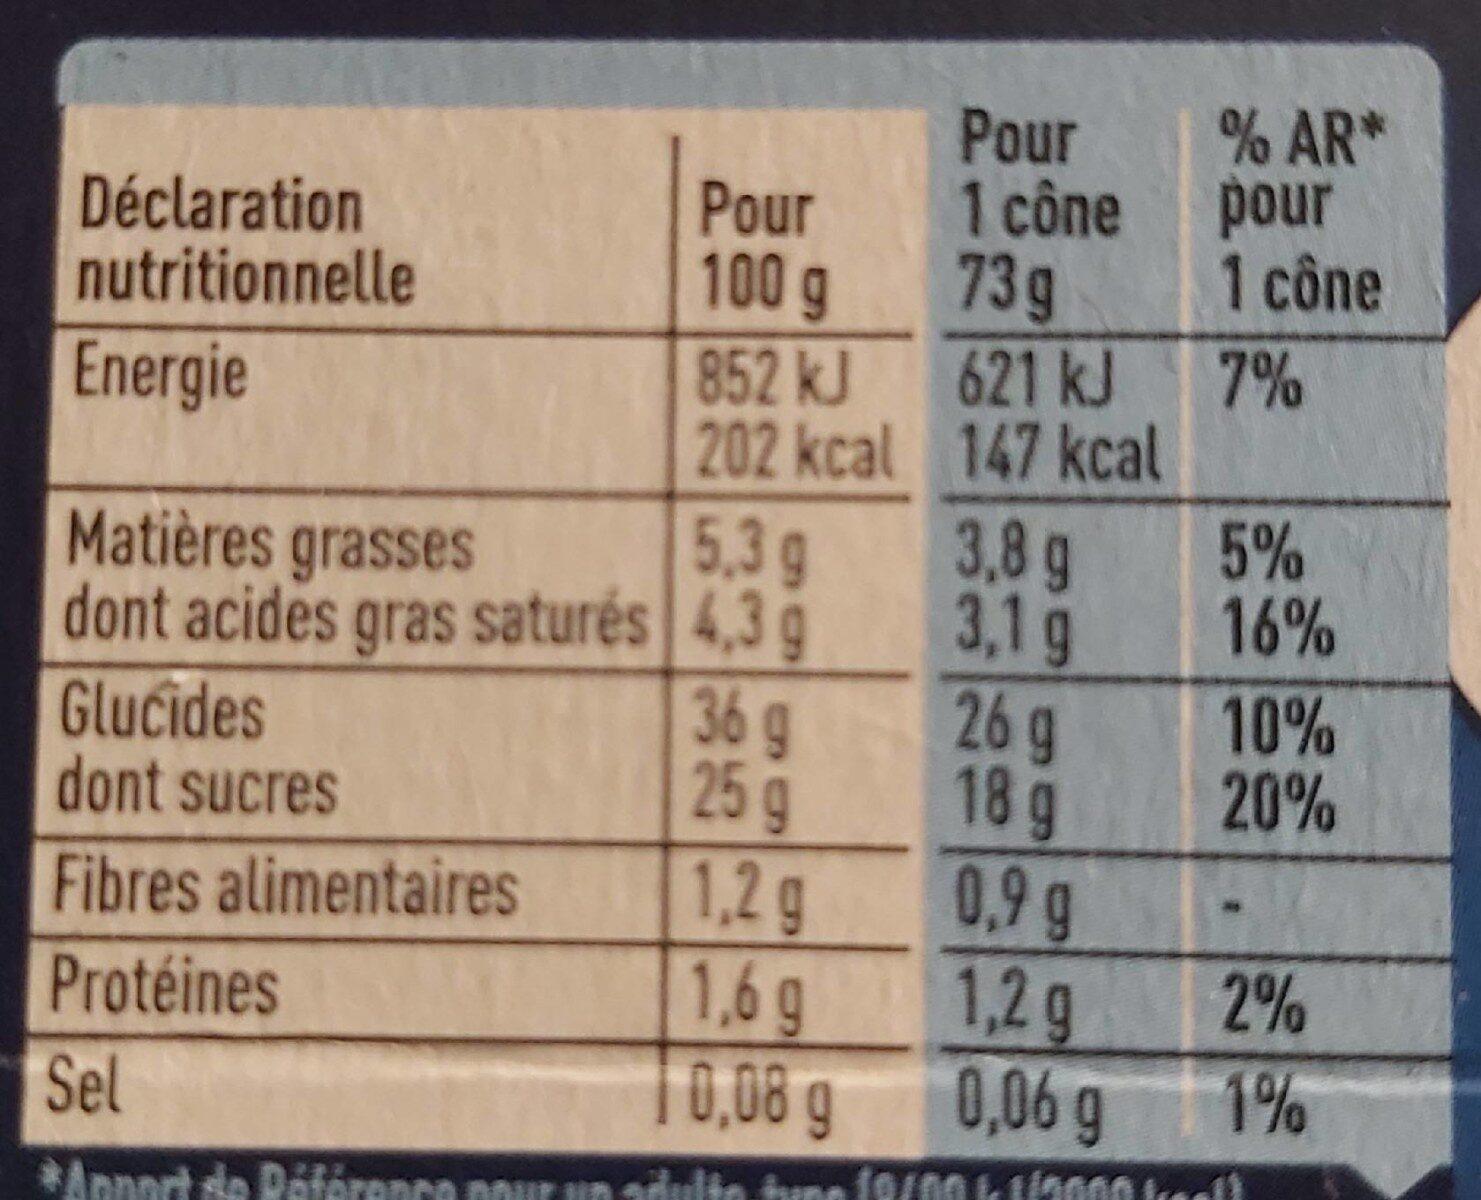 Sorbets fruits rouges extrême - Informations nutritionnelles - fr